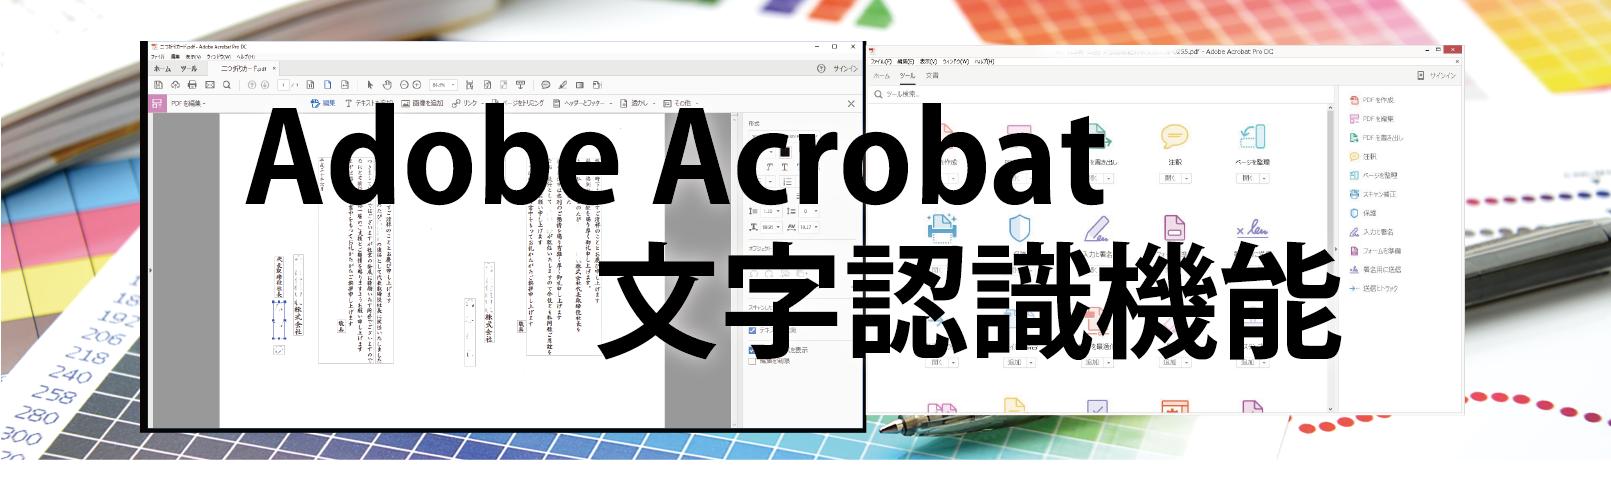 画像PDFファイルから文字を抽出